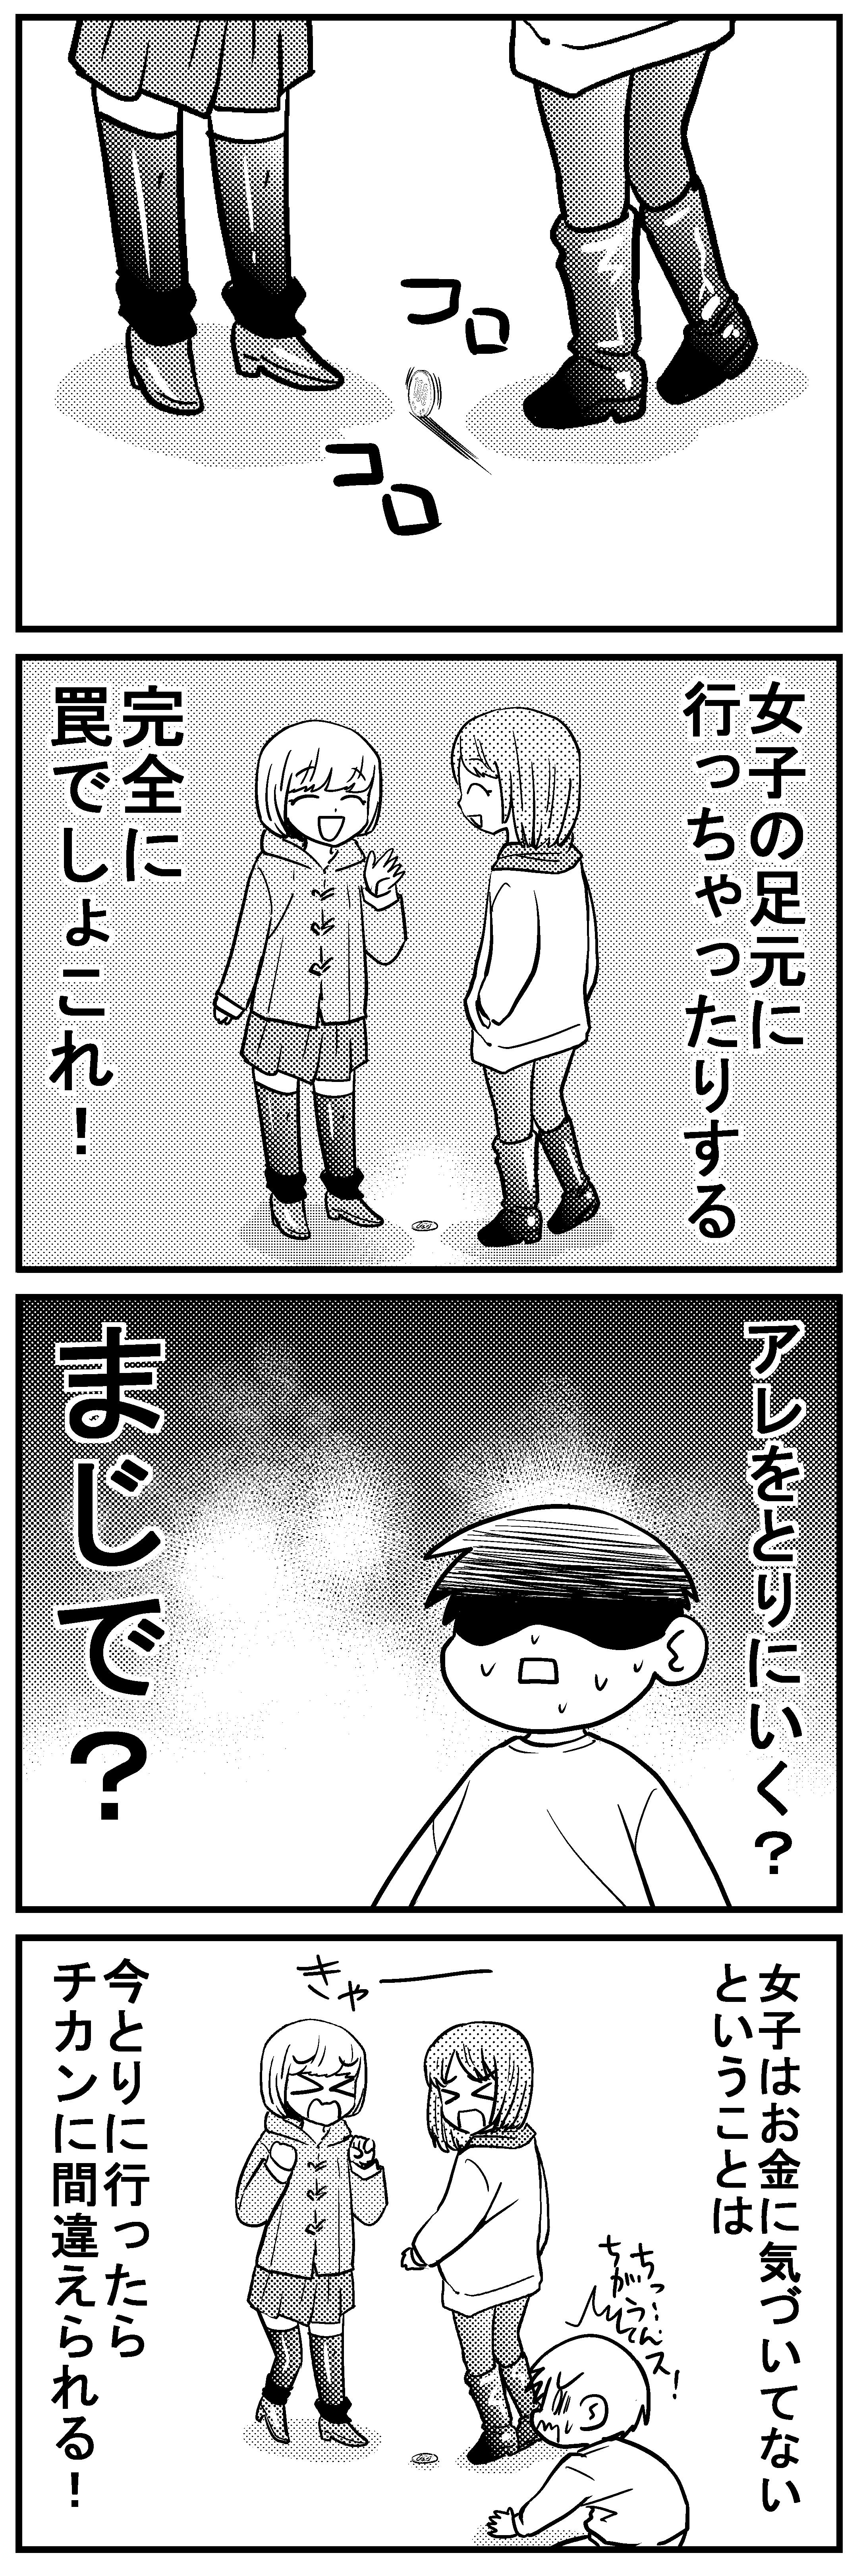 深読みくん36 3